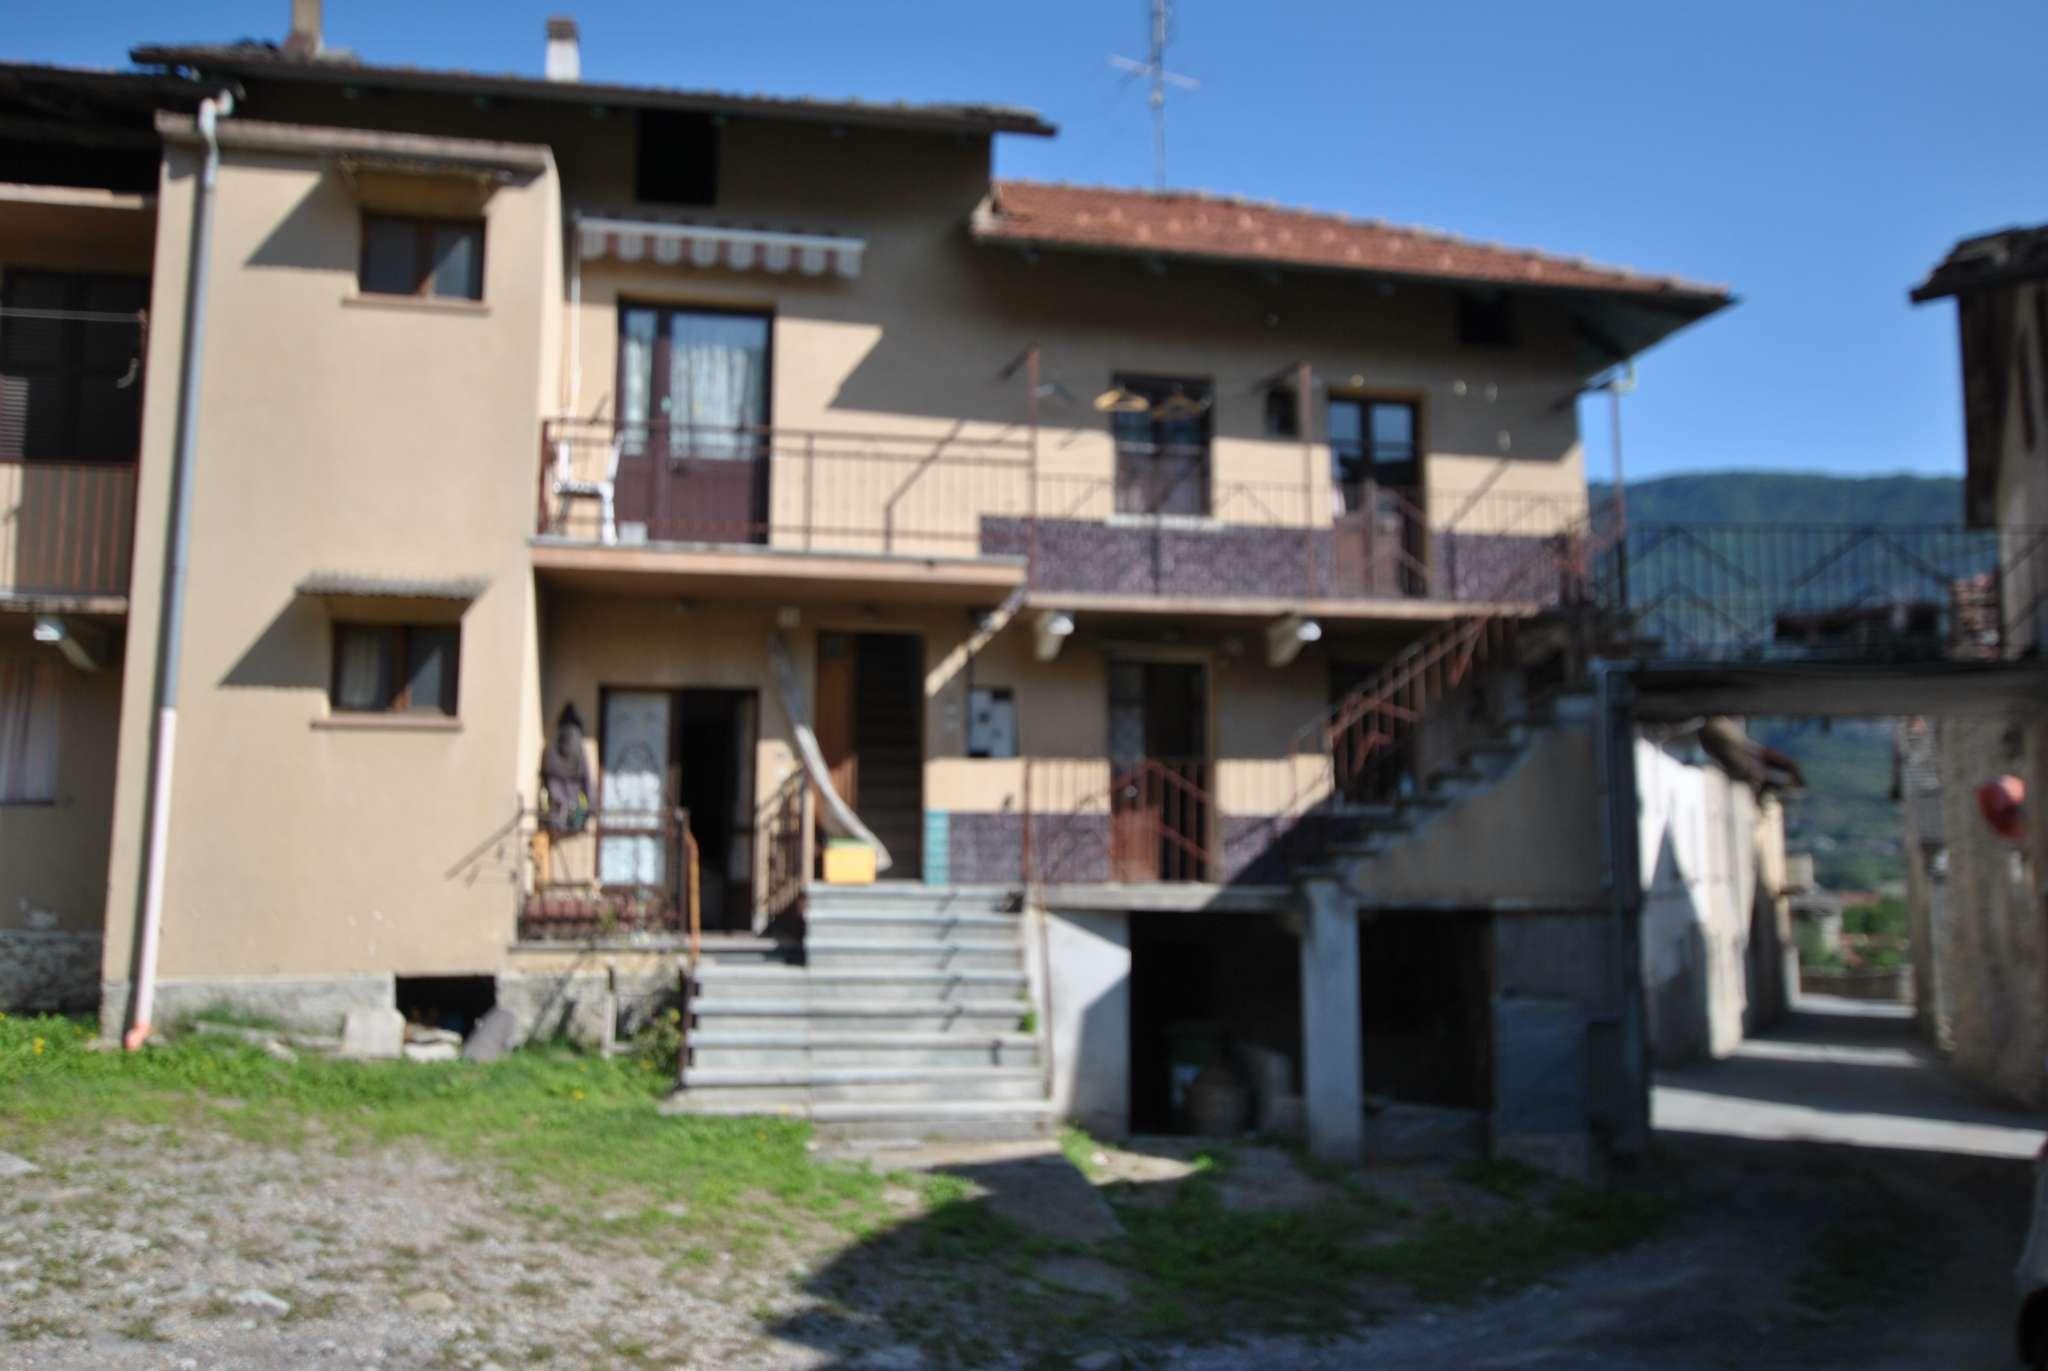 Palazzo / Stabile in vendita a Villar Focchiardo, 8 locali, prezzo € 49.000 | PortaleAgenzieImmobiliari.it